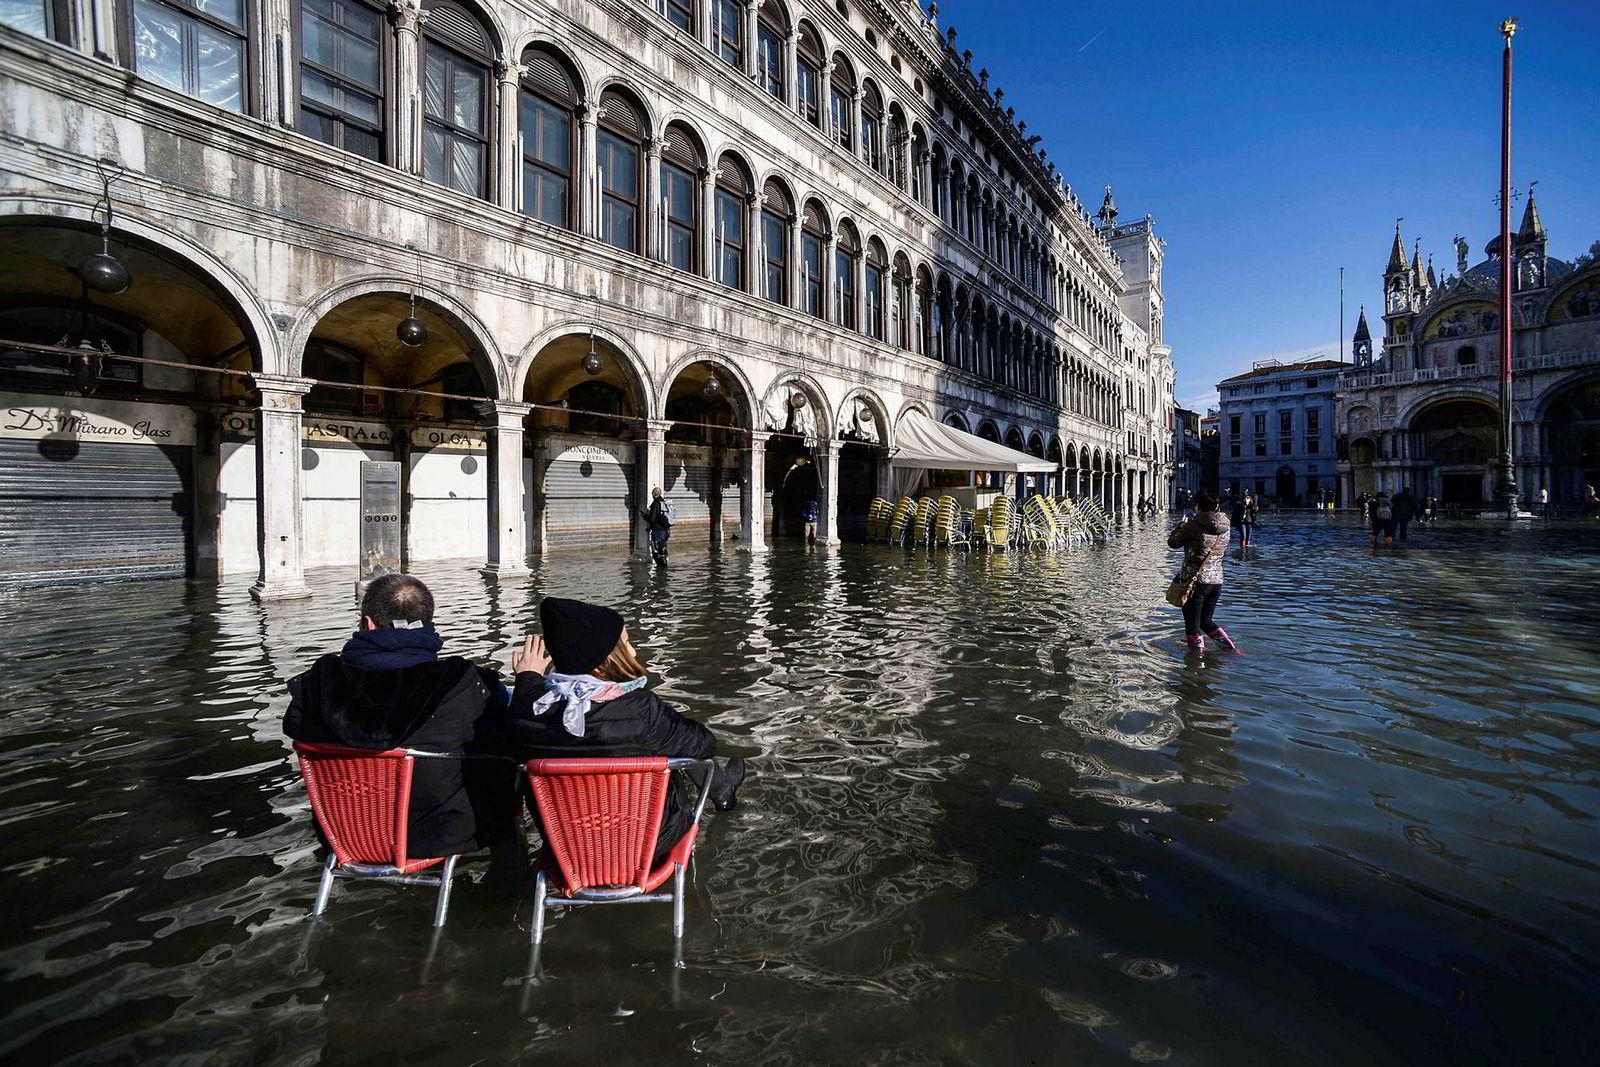 Turister sitter på restaurangstoler midt på den oversvømte Markusplassen.